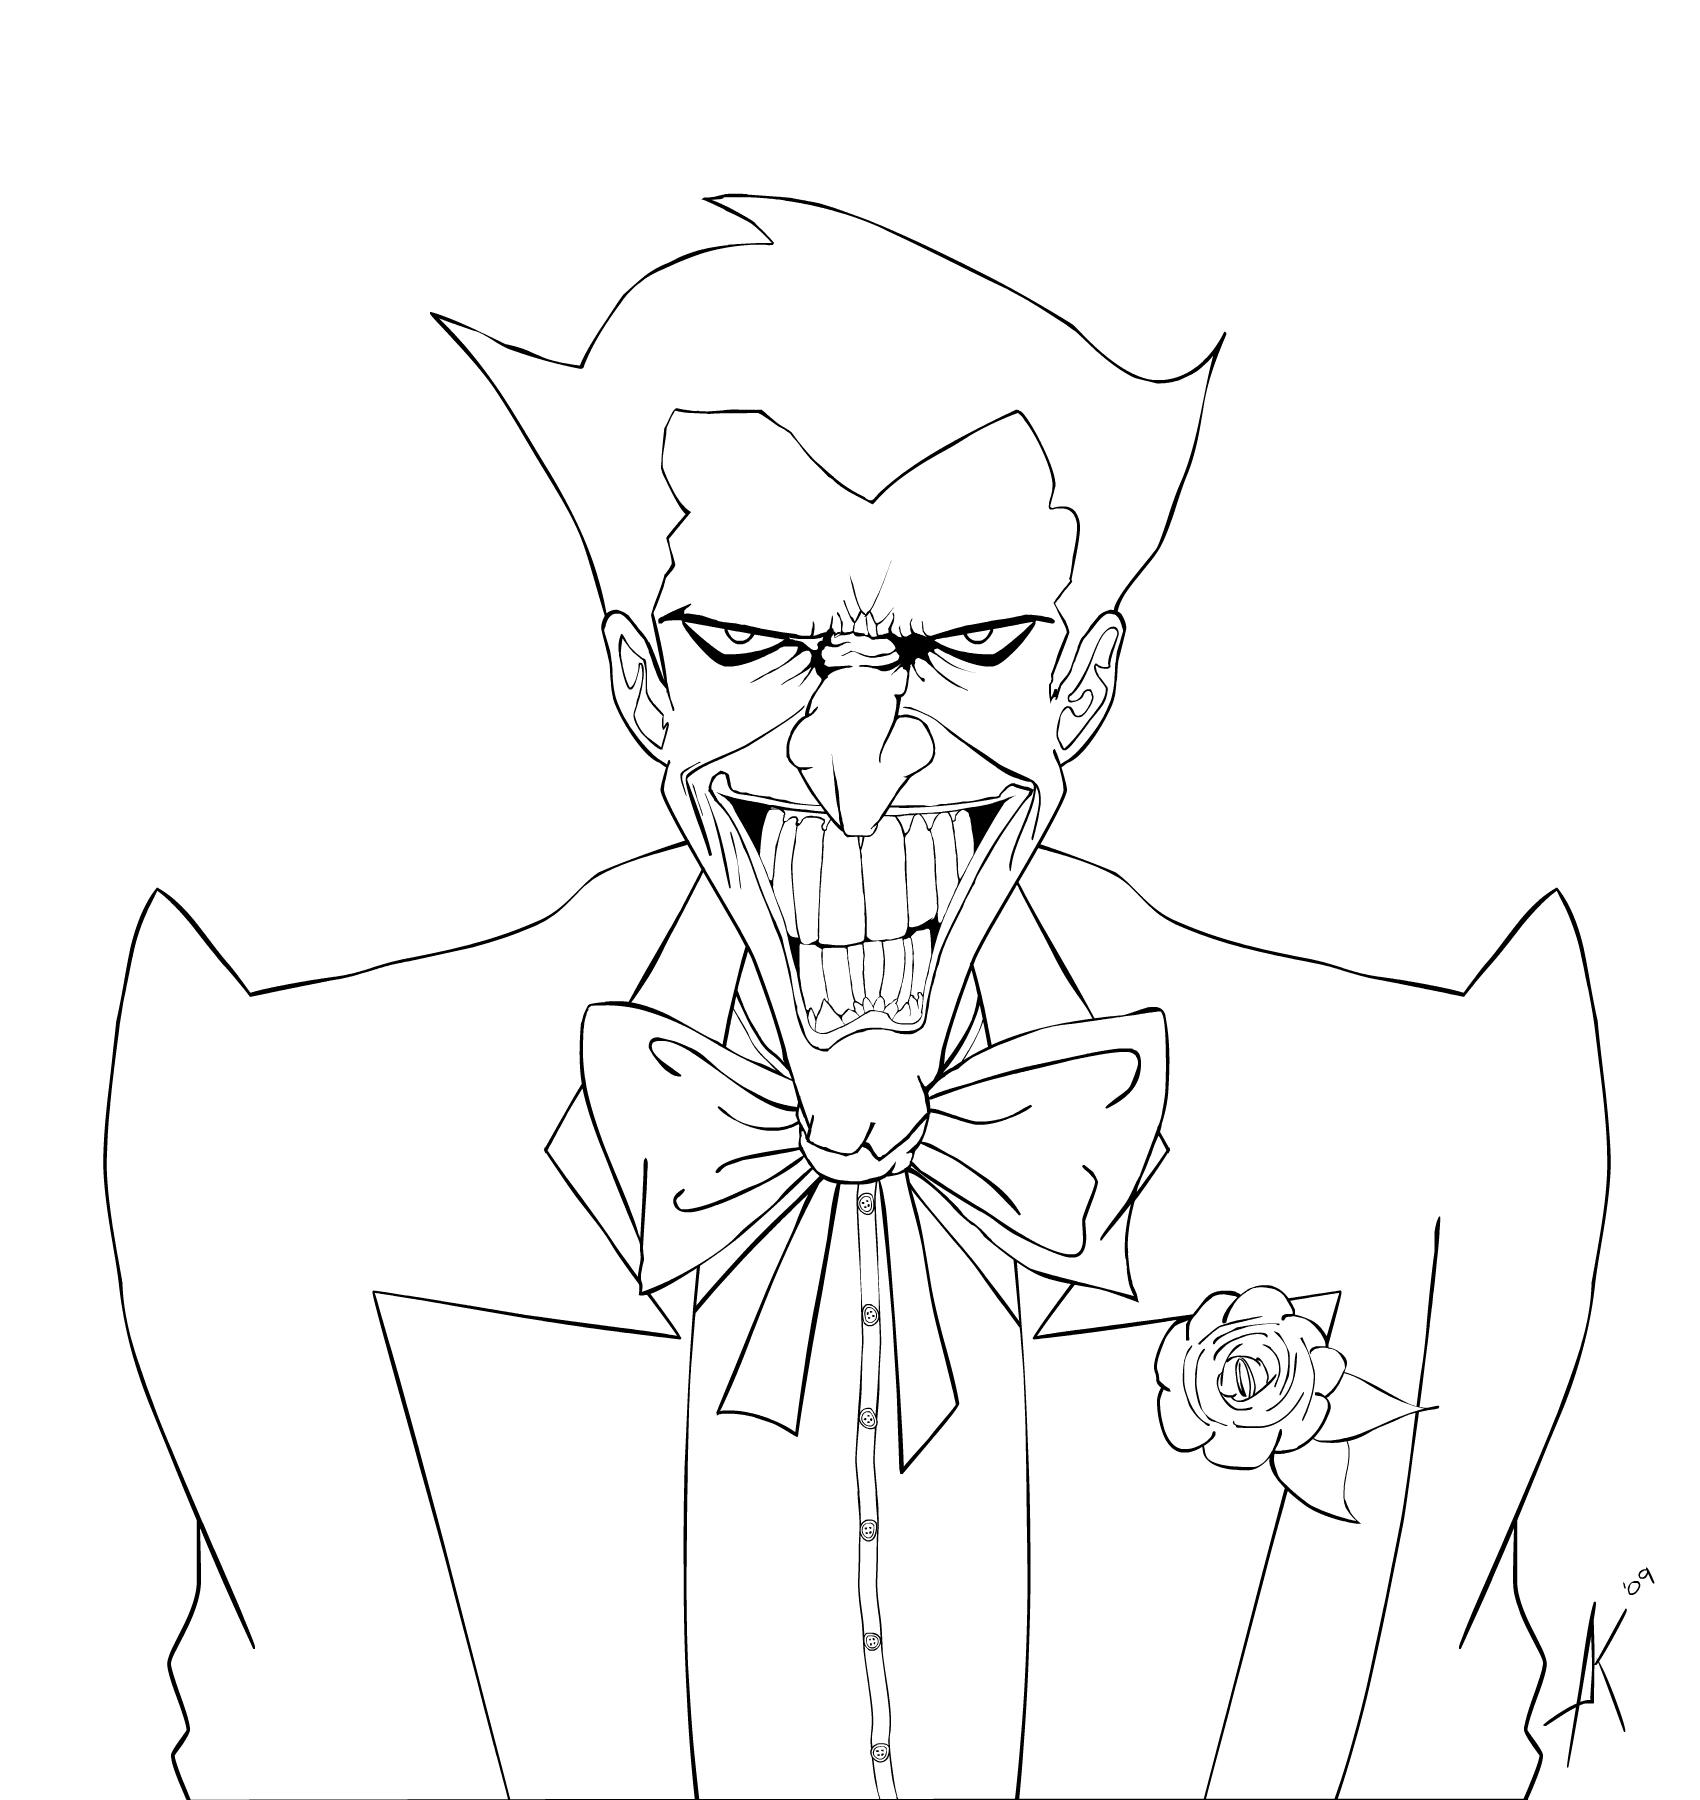 The Line Artwork : Joker lineart by heartlessomen on deviantart